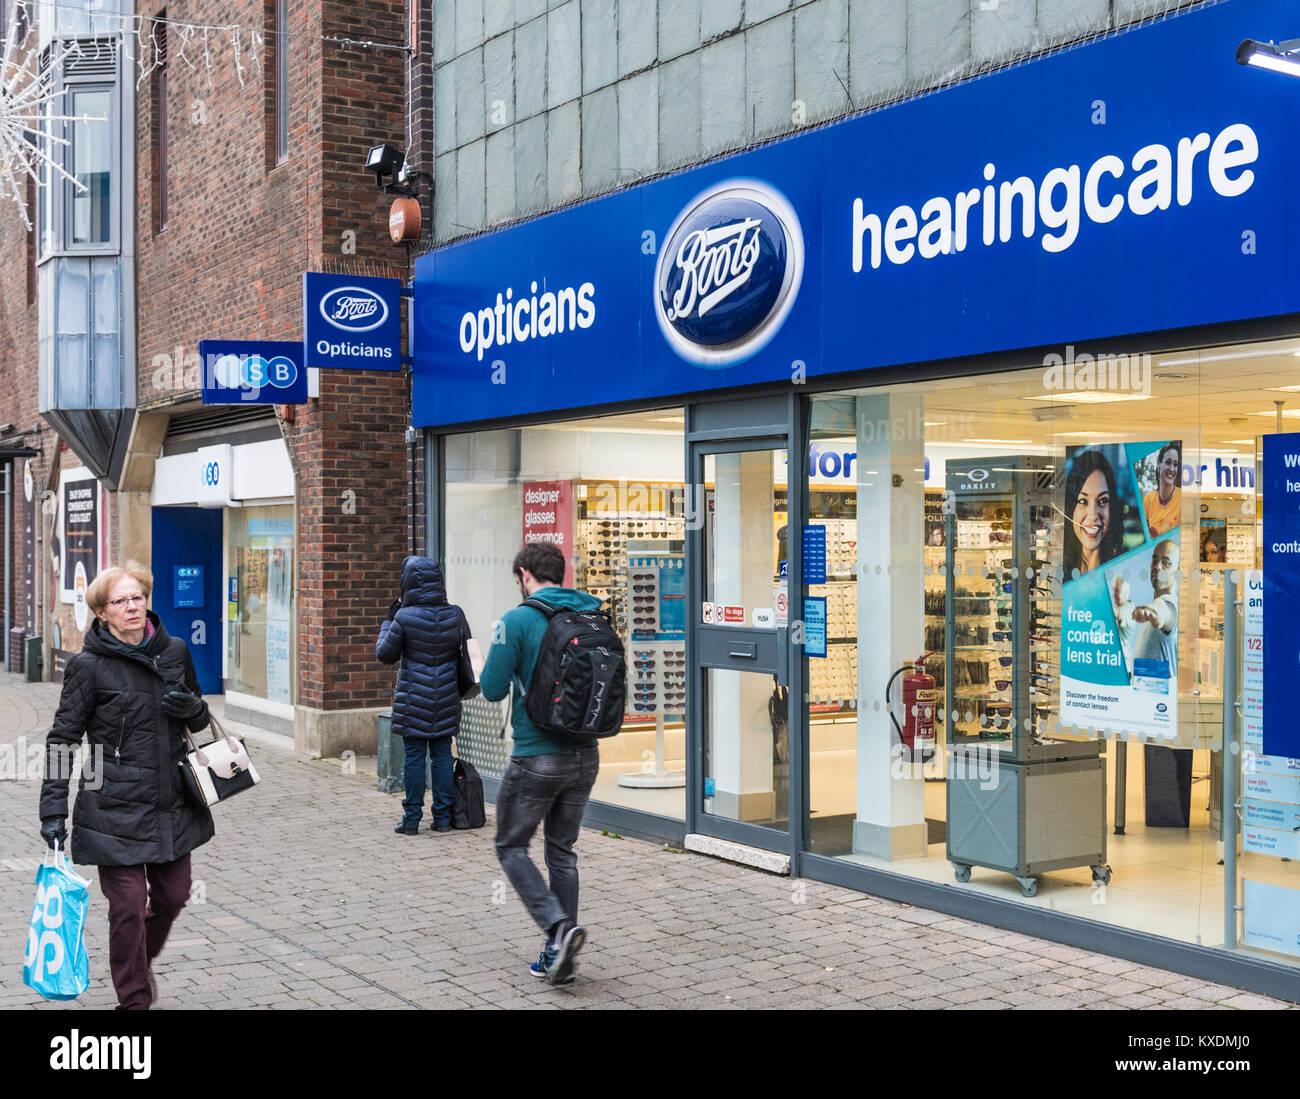 Boots Opticians shop ingresso anteriore a Horsham West Sussex, in Inghilterra, Regno Unito. Stivali di retail store. Immagini Stock